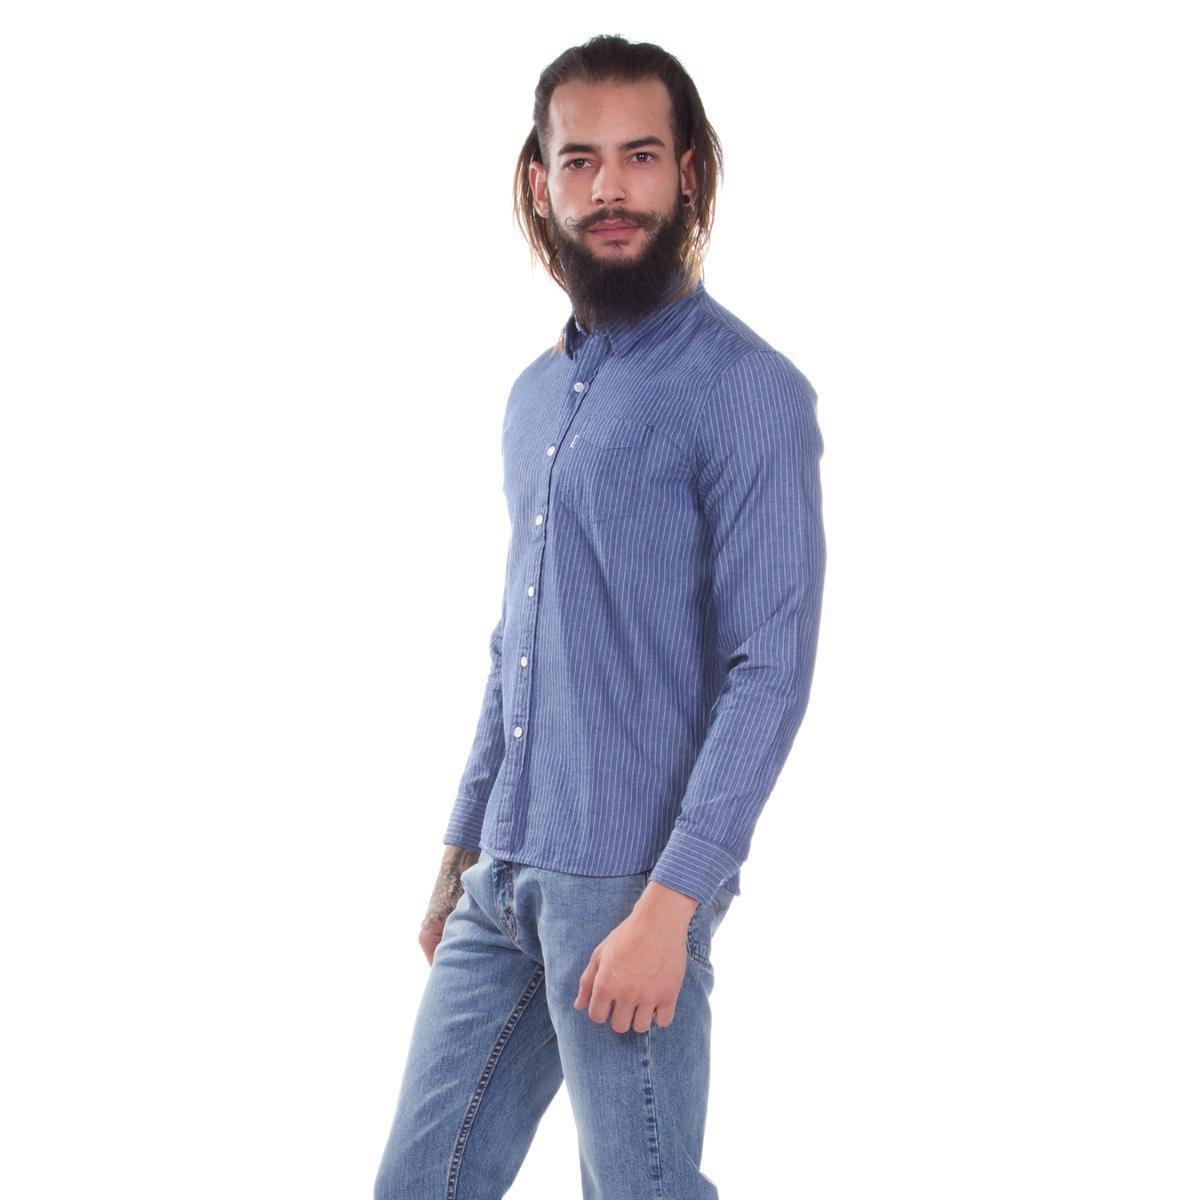 Camisa Levis Sunset One Pocket Listrada - Compre Agora  13d5ab76e1c